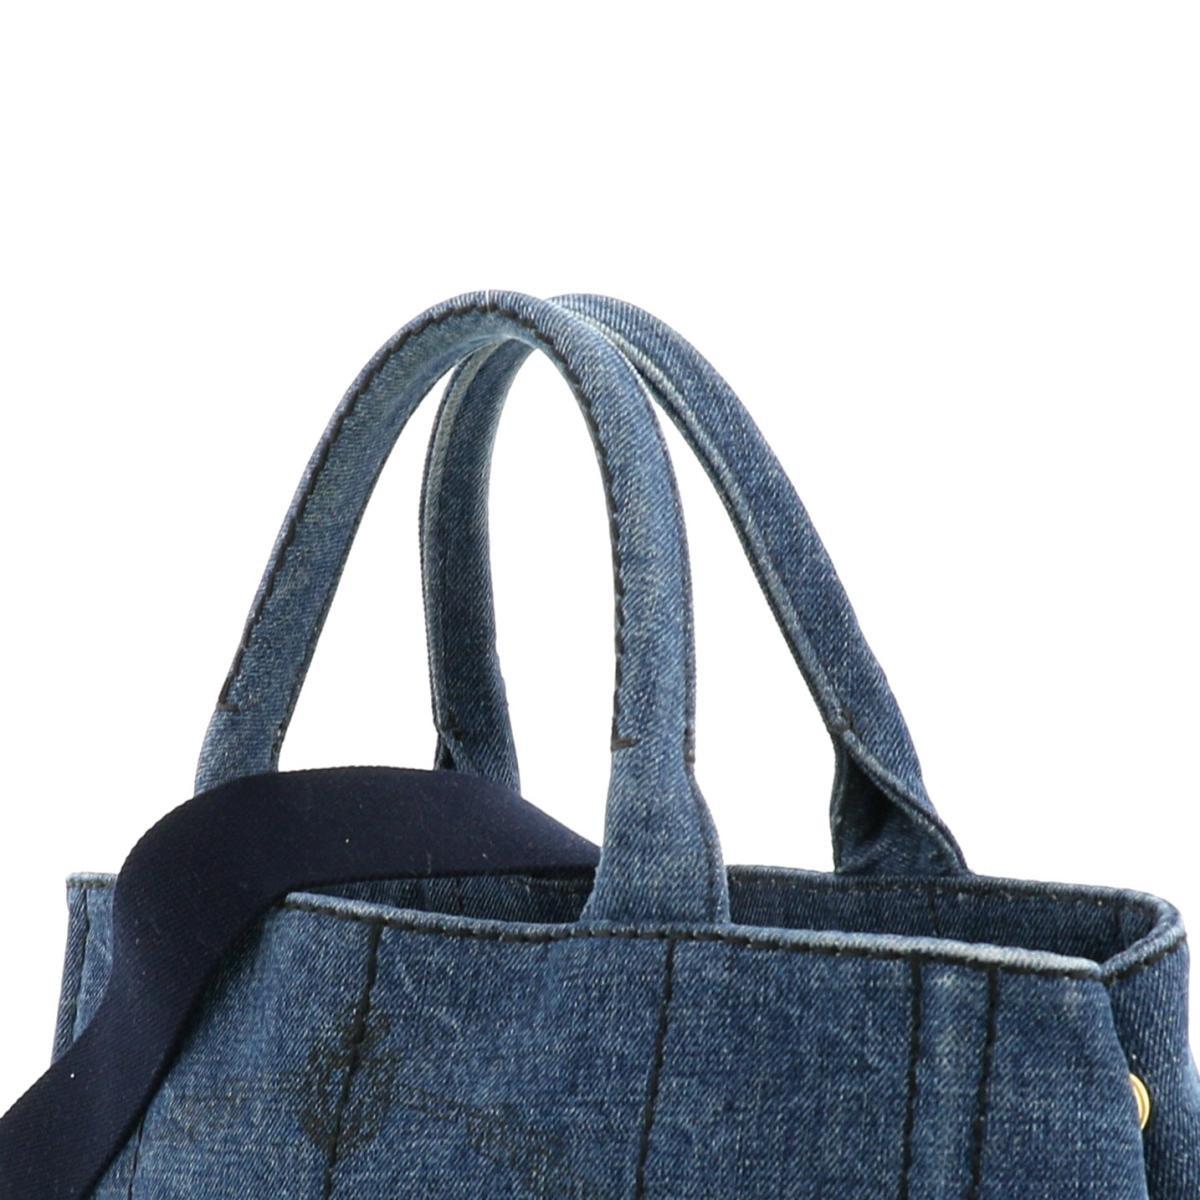 【中古】PRADA プラダ カナパ ミニ 2WAY ショッピングバッグ バッグ ハンドバッグ DENIM デニム Blue/ブルー 1BG439 used:B